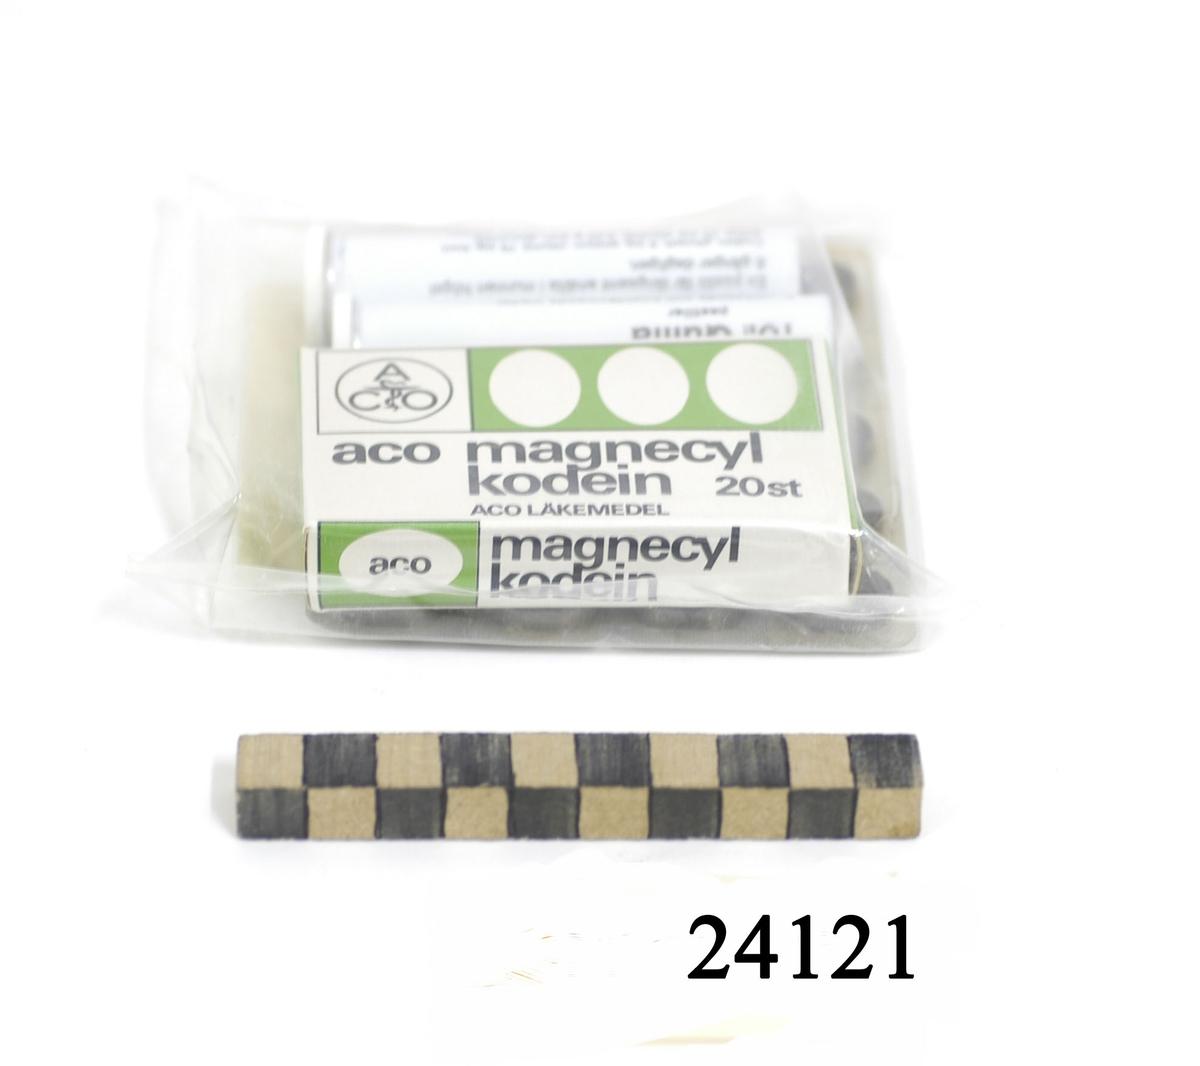 Kvadratisk, tillsluten plastförpackning innehållande, en förpackning a 20 st Magnecyl-kodein (febernedsättande och smärtstillande medel). Två förpackningar a 10 st Quilla pastiller (slemlösande och hoststillande). Två förpackningar a 10 st  Sedisonal NAPA tabletter (rogivande och smärtstillande medel). På förpackningens baksida på klistrad vit etikett med innehållsföteckning och bruksanvisning. Samt indragningsdatum: 1979-11